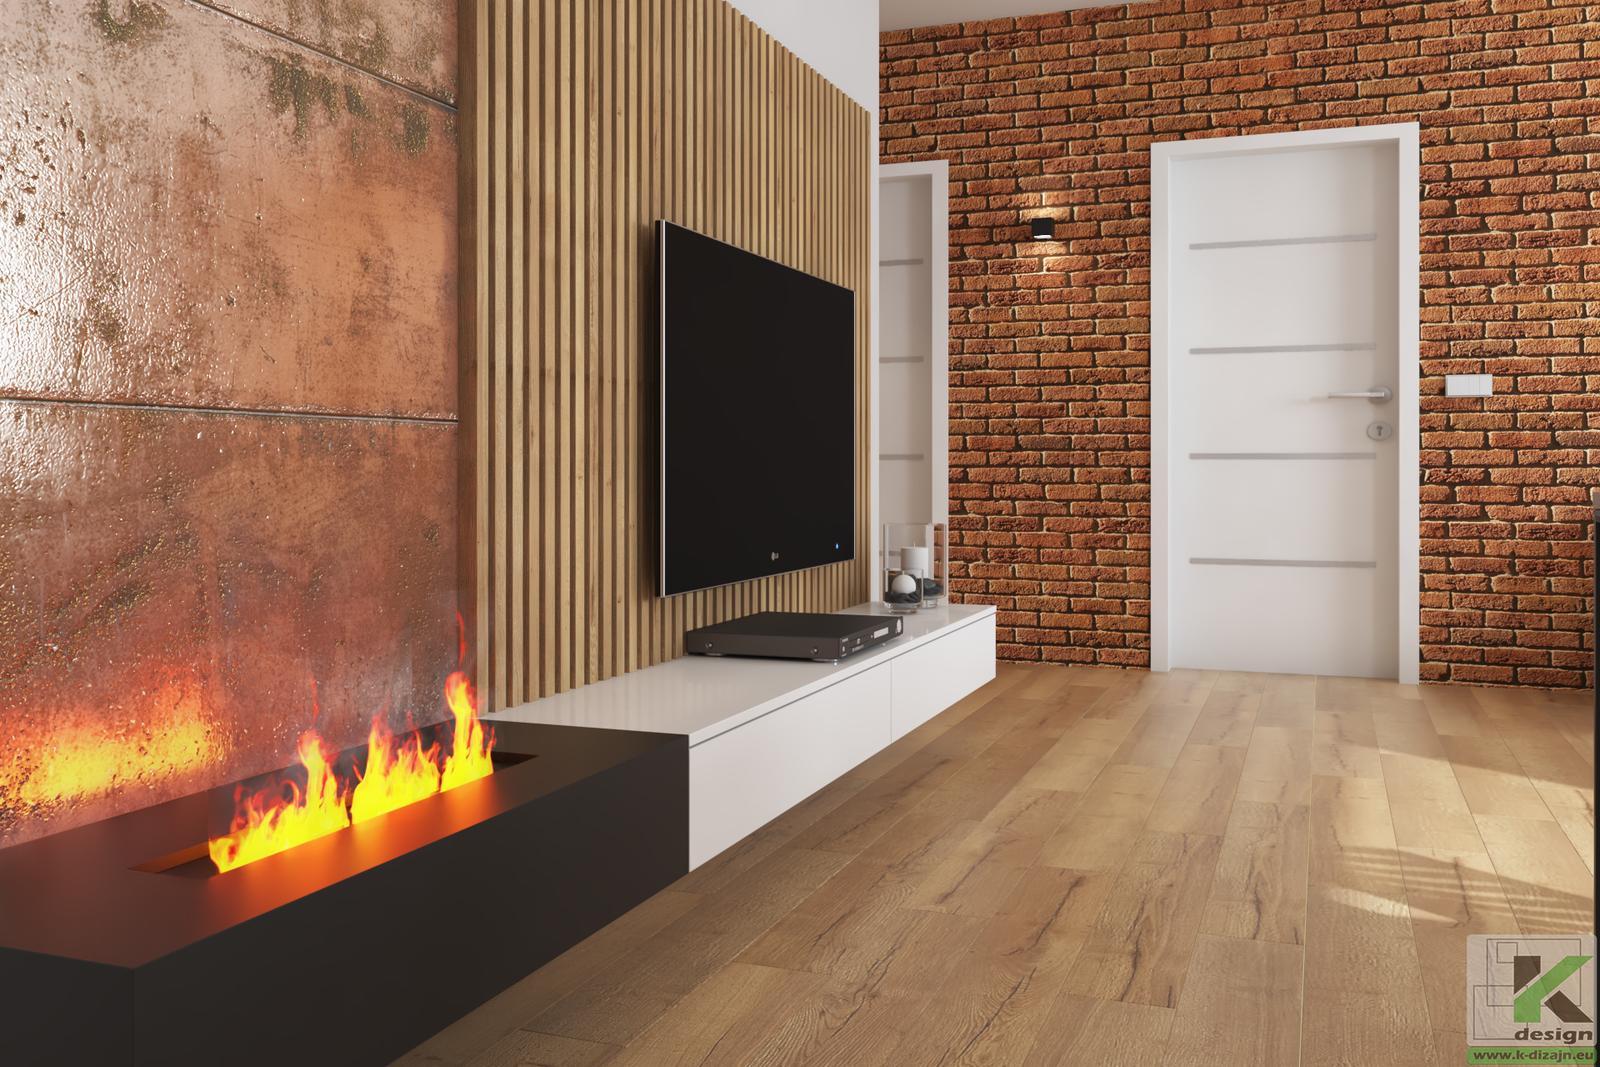 Vizualizácia - malá kuchyňa s obývačkou... - Obrázok č. 1